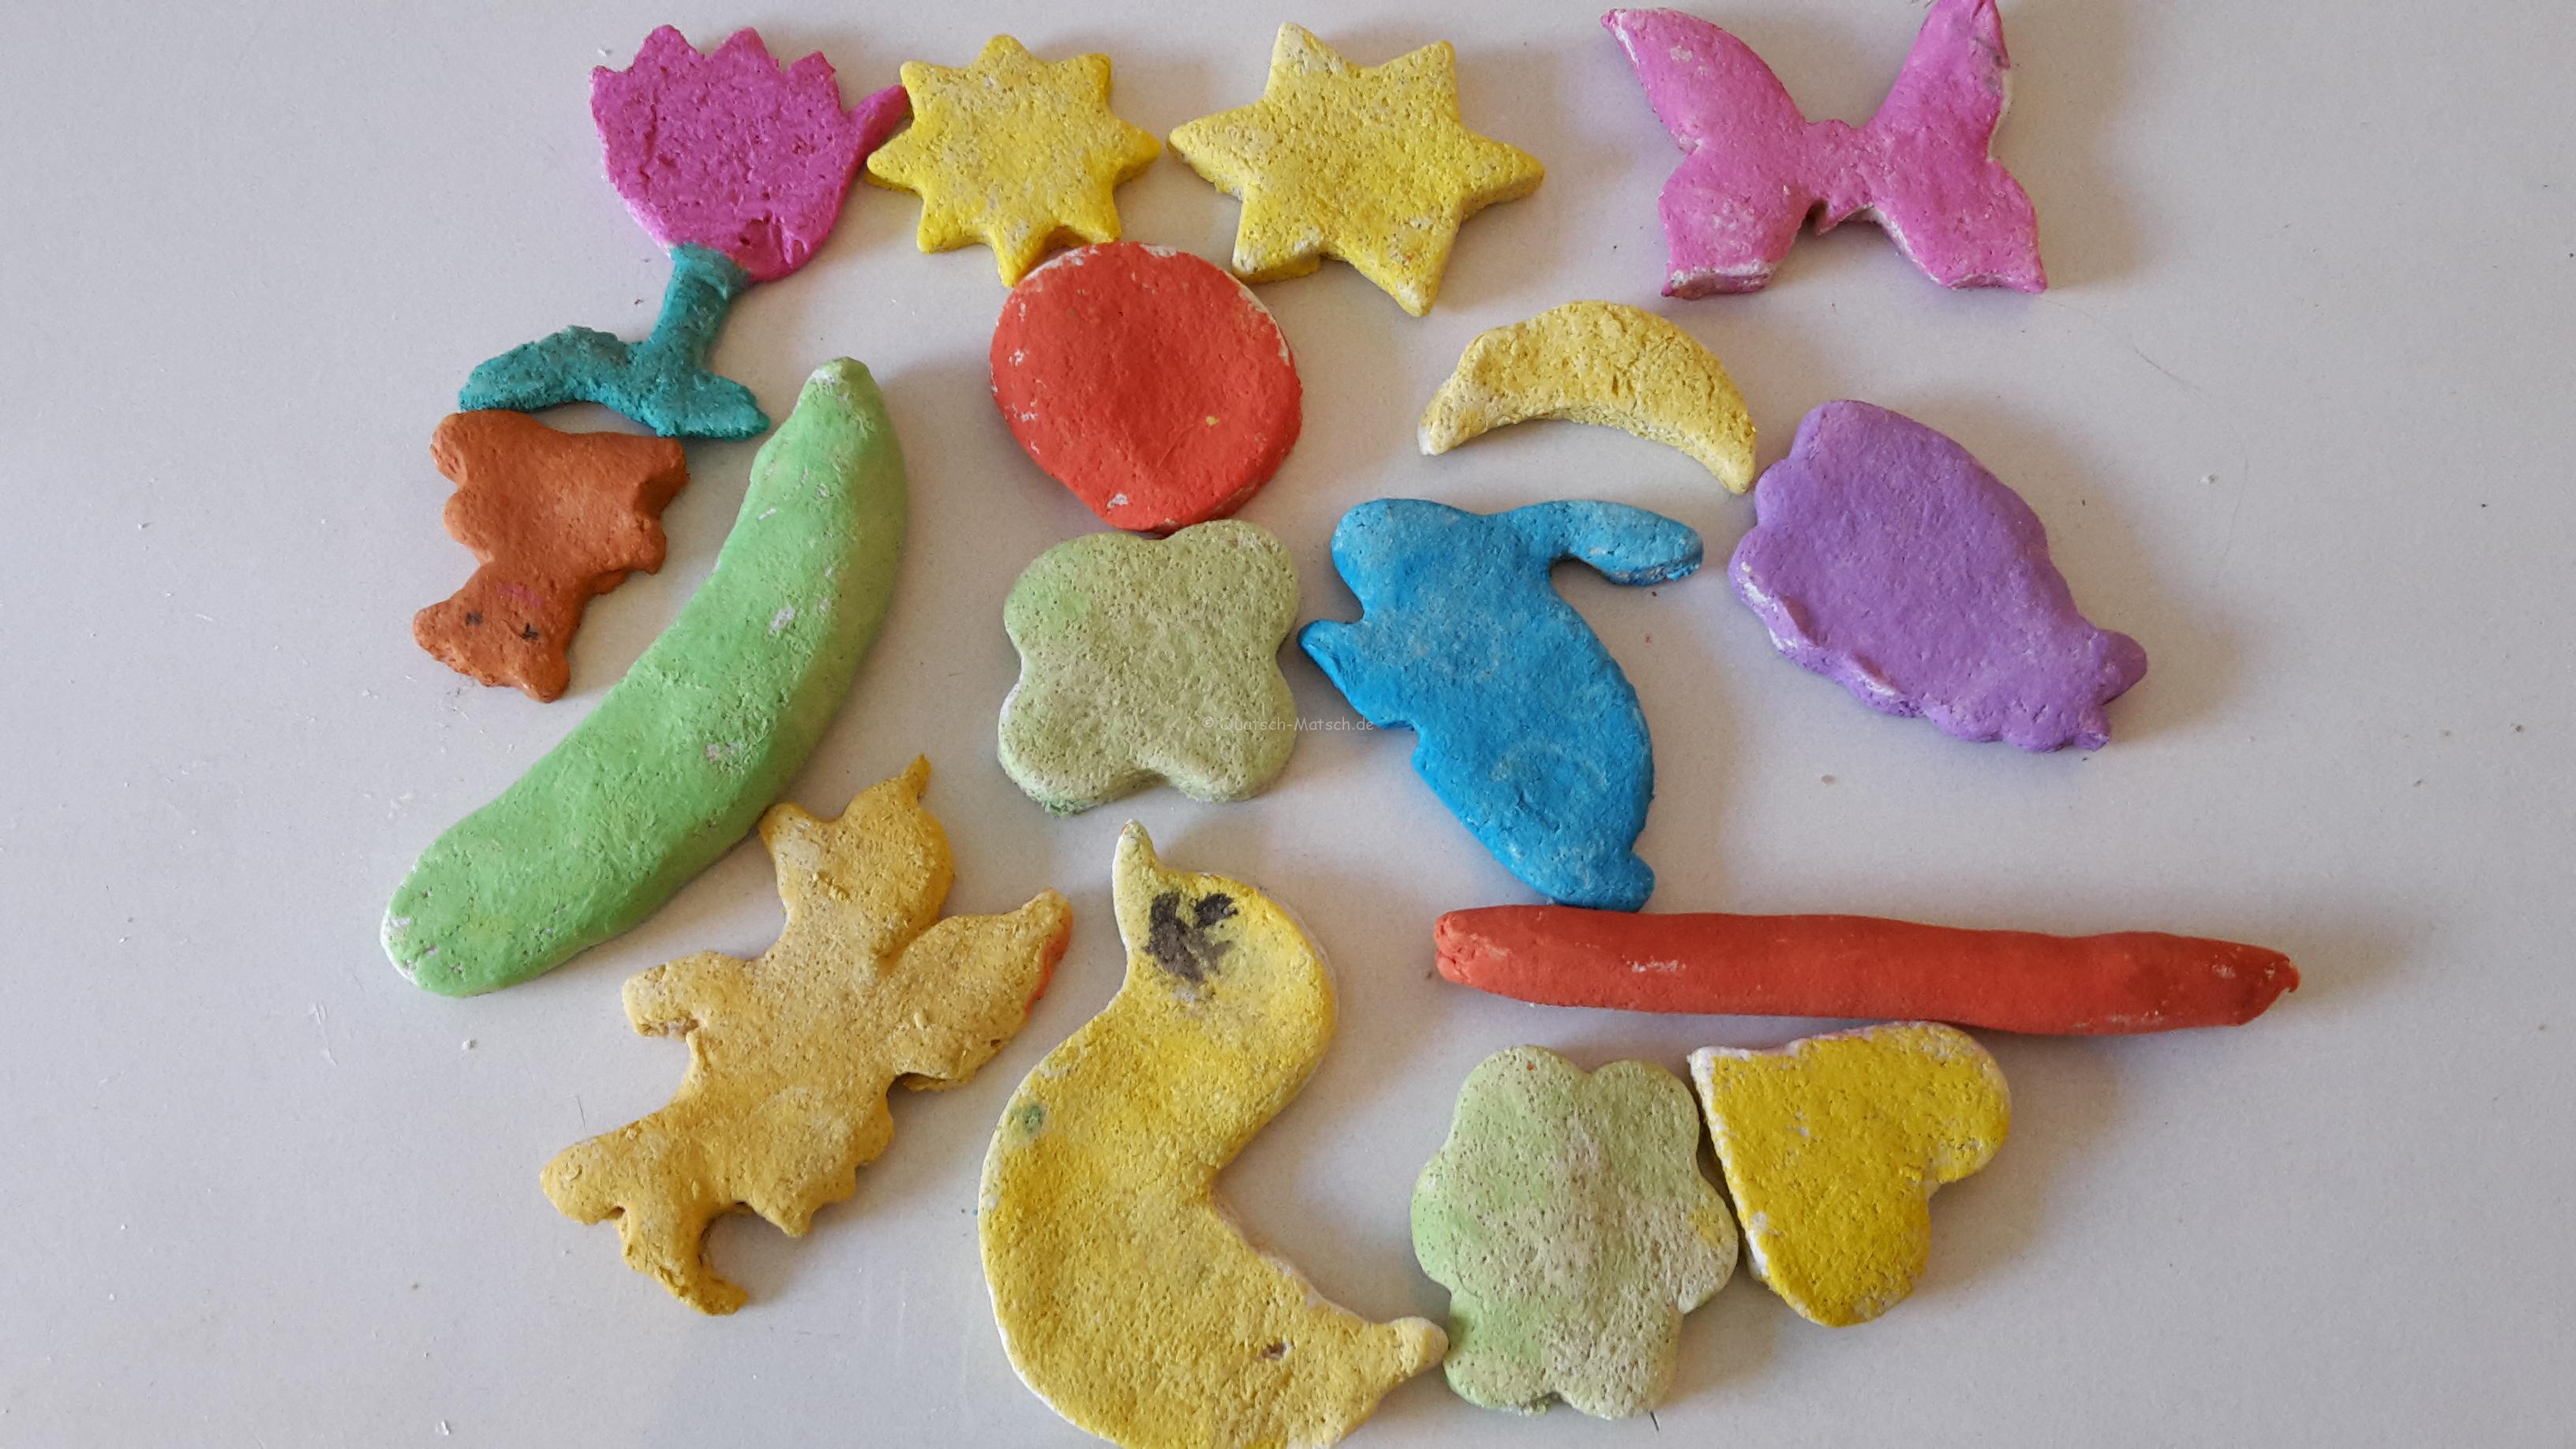 Hervorragend Einfaches Salzteig Rezept - DIY | Der Familienblog für kreative Eltern RO48